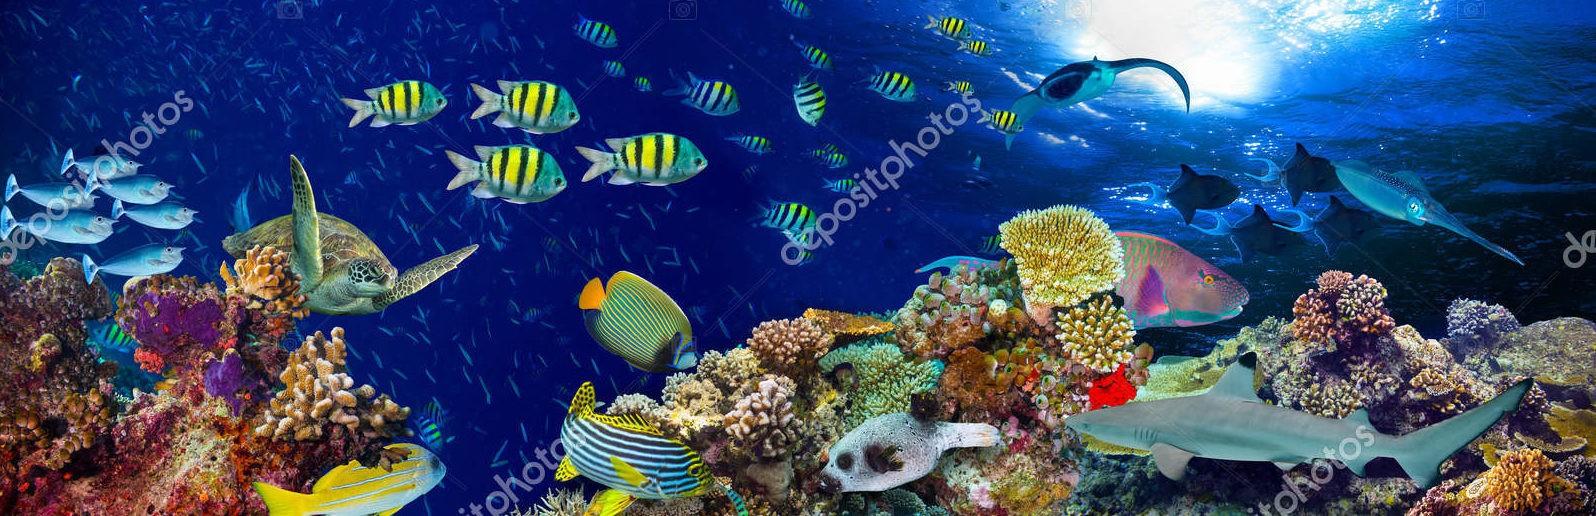 Разноцветные обитатели тропических вод